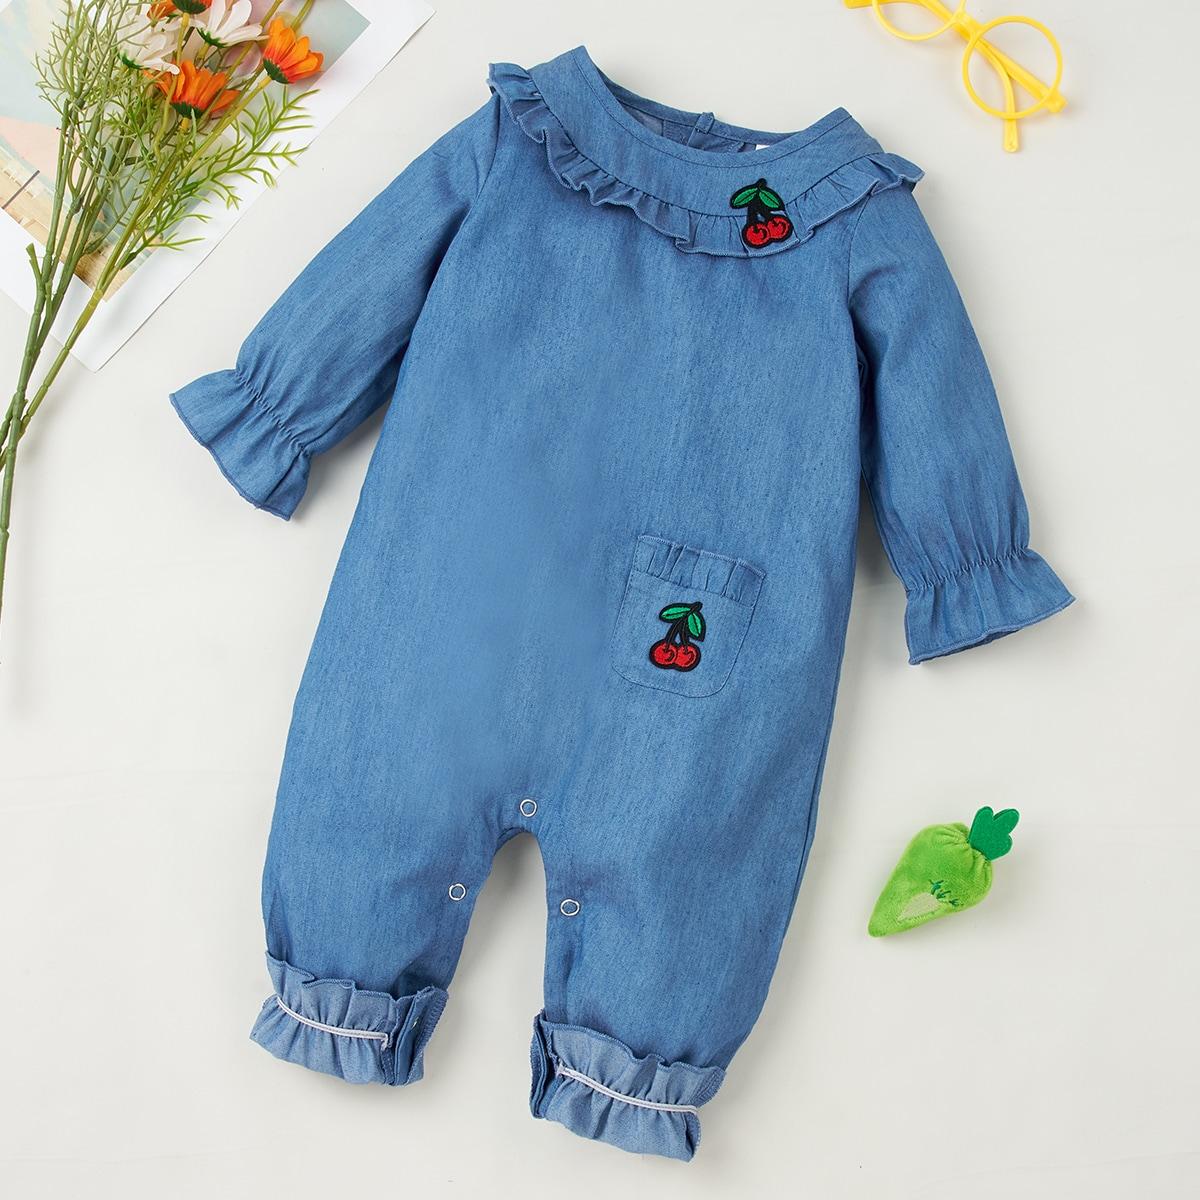 с вышивкой Фрукты и овощи Деним для малышей от SHEIN